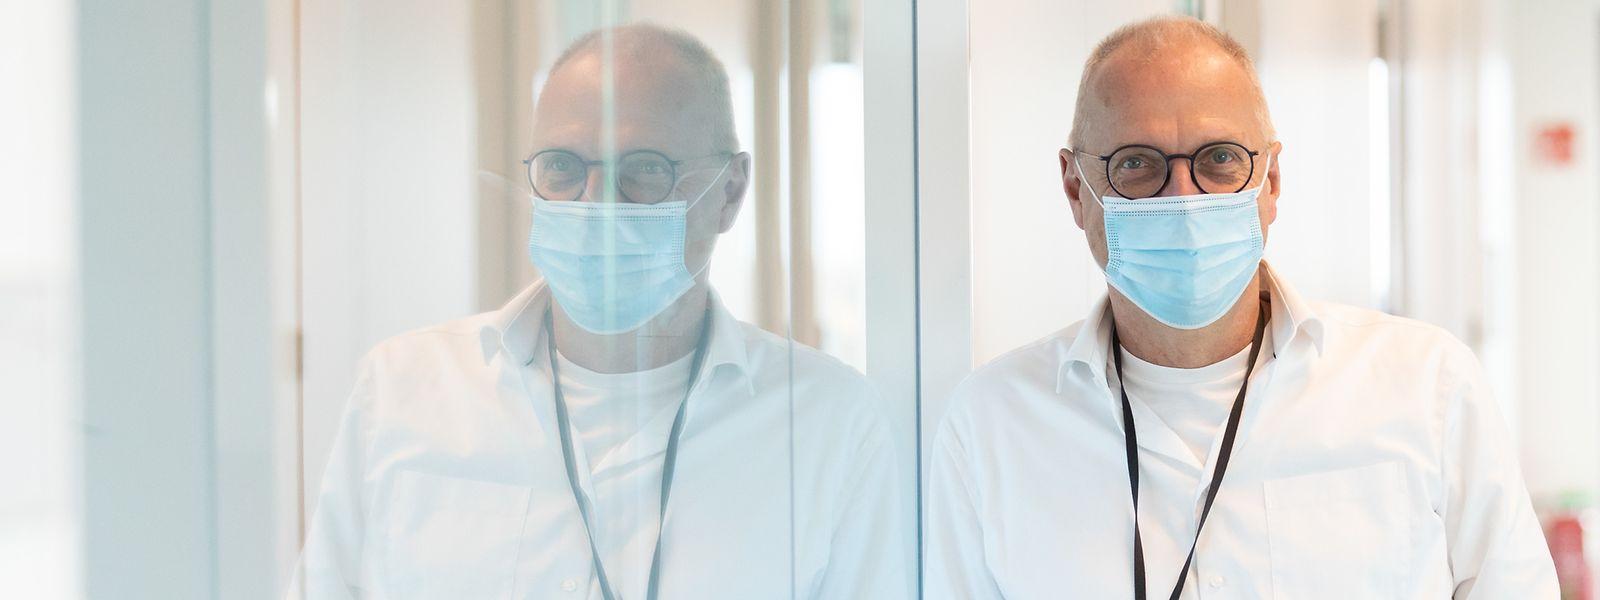 Der Direktor der Santé, Dr. Jean-Claude Schmit, bleibt trotz der vielen Neuinfektionen optimistisch.